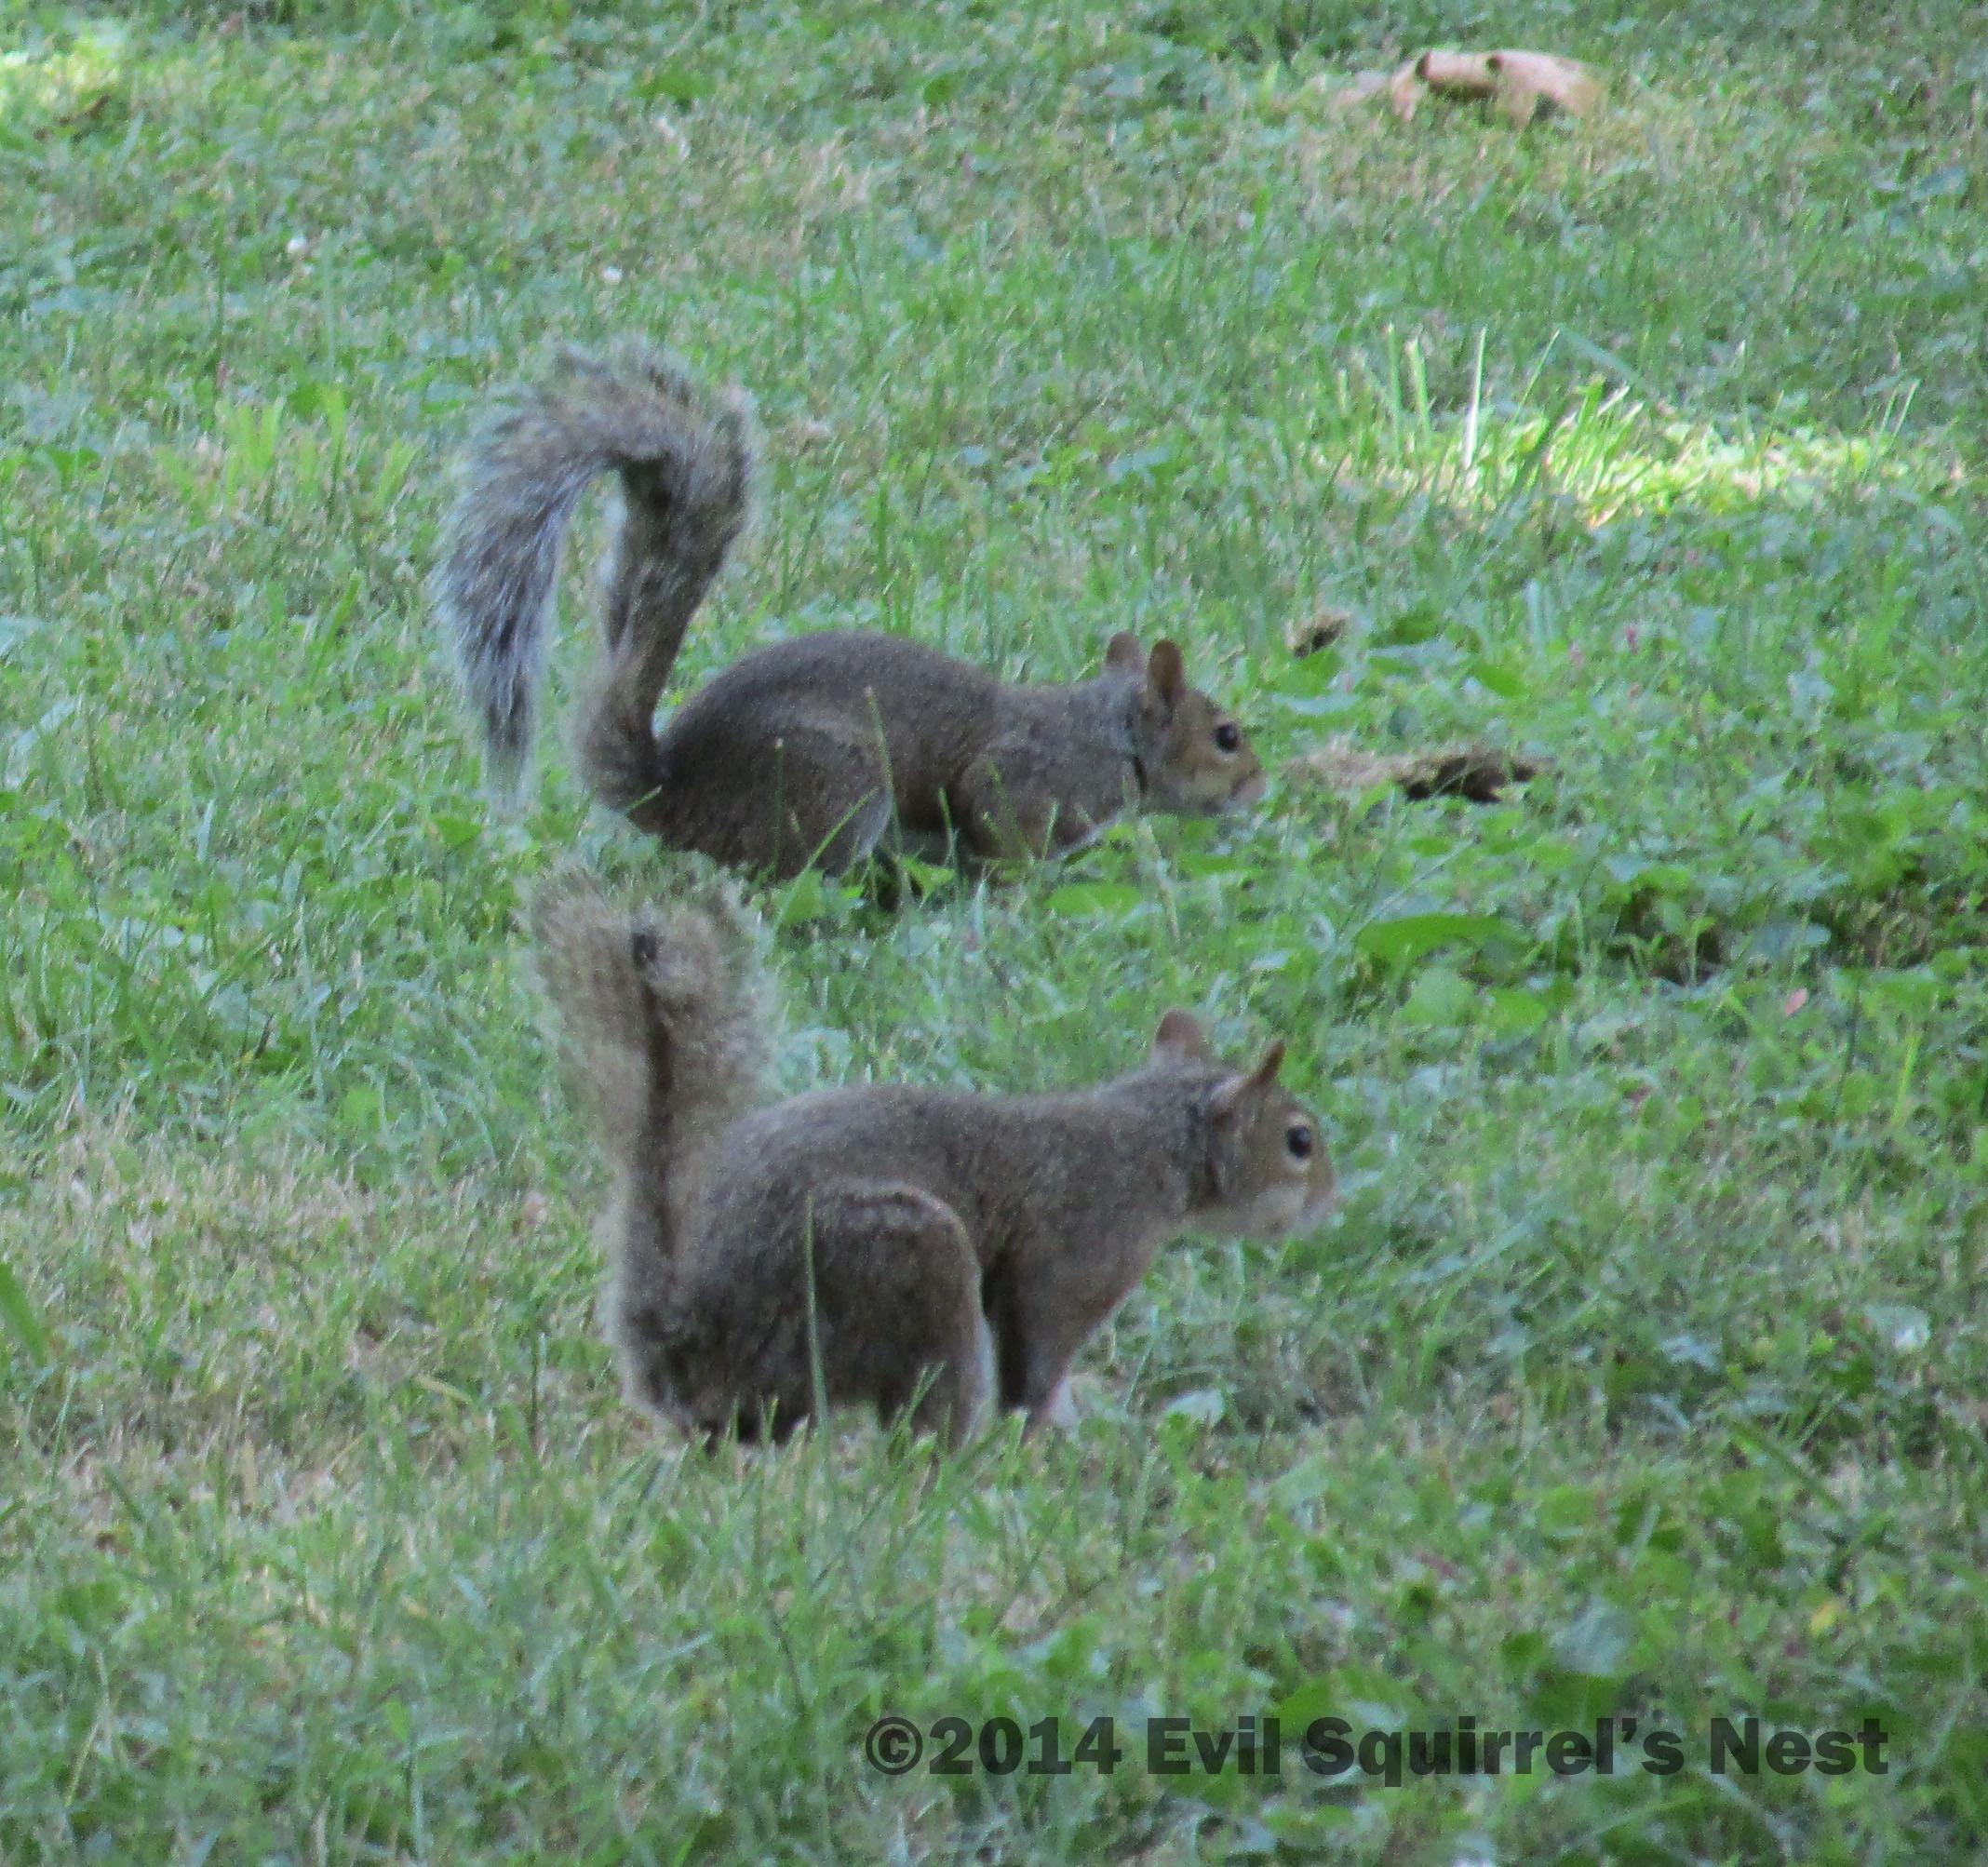 Evil Squirrel With Gun